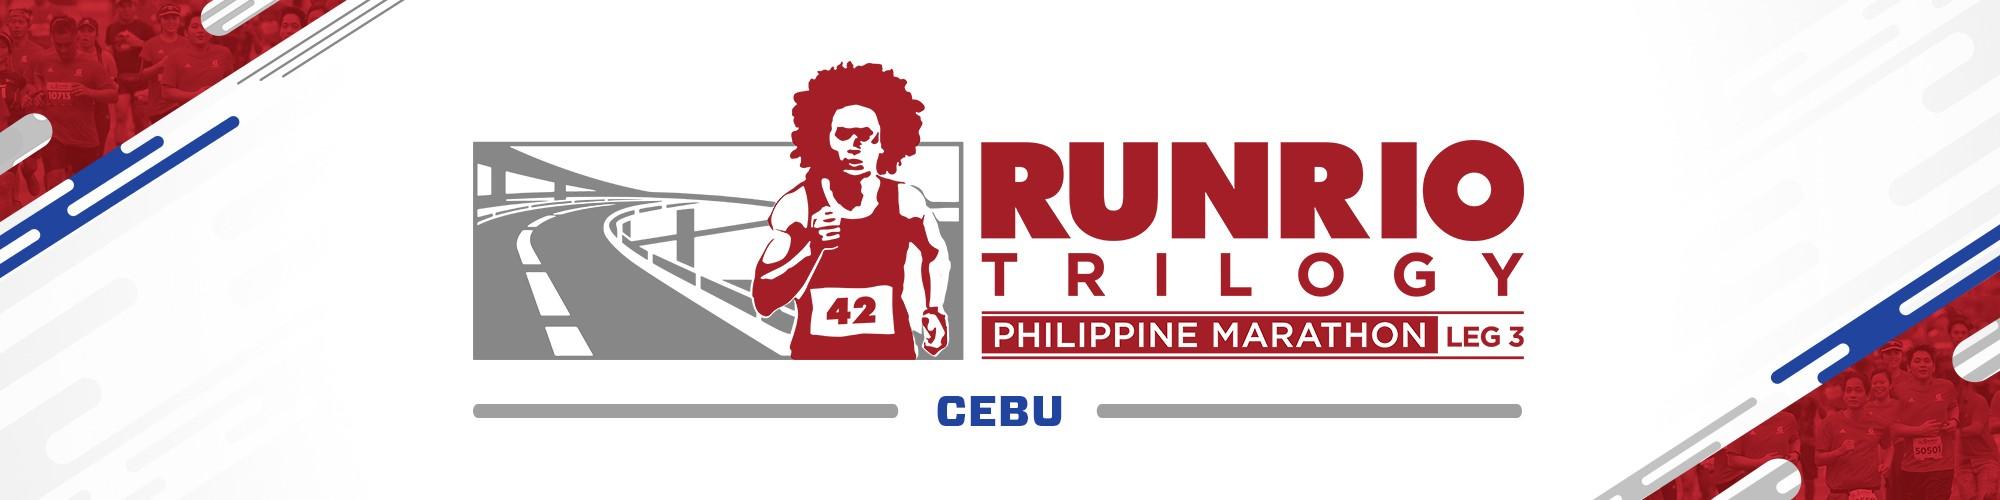 RUNRIO TRILOGY Cebu leg 3